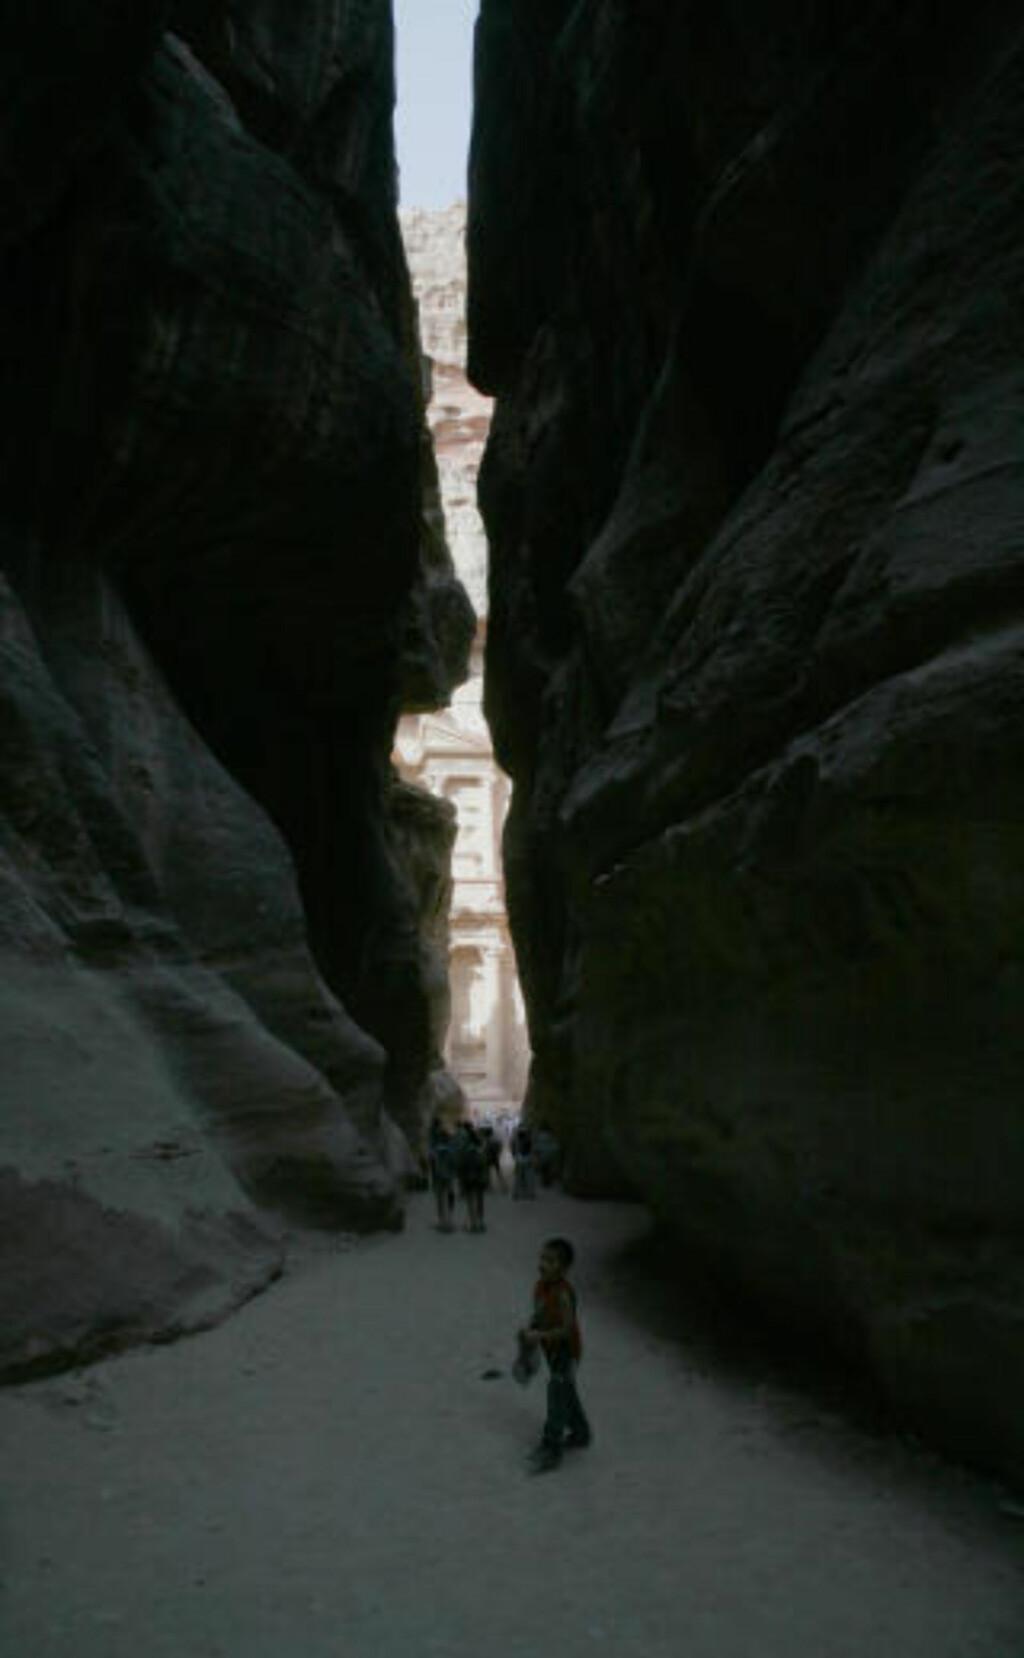 EVENTYR: Slik ser det ut når du har gått gjennom den smale fjellsprekken i over en kilometer: Så åpenbarer den fantastiske oldtidsbyen Petra seg.